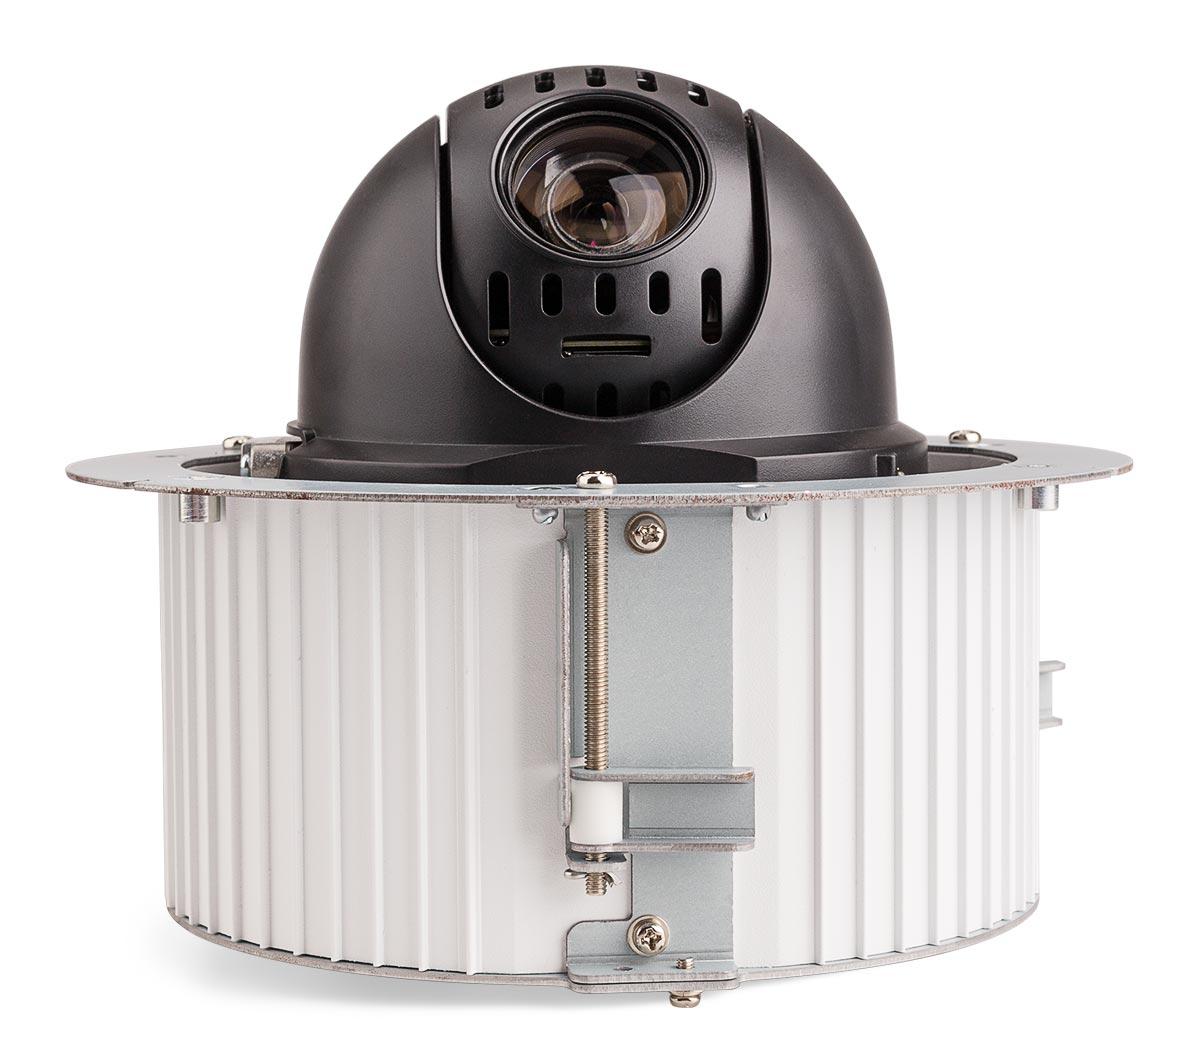 Kamera BCS-SDIP1212A-WS ze zdjętą obudową